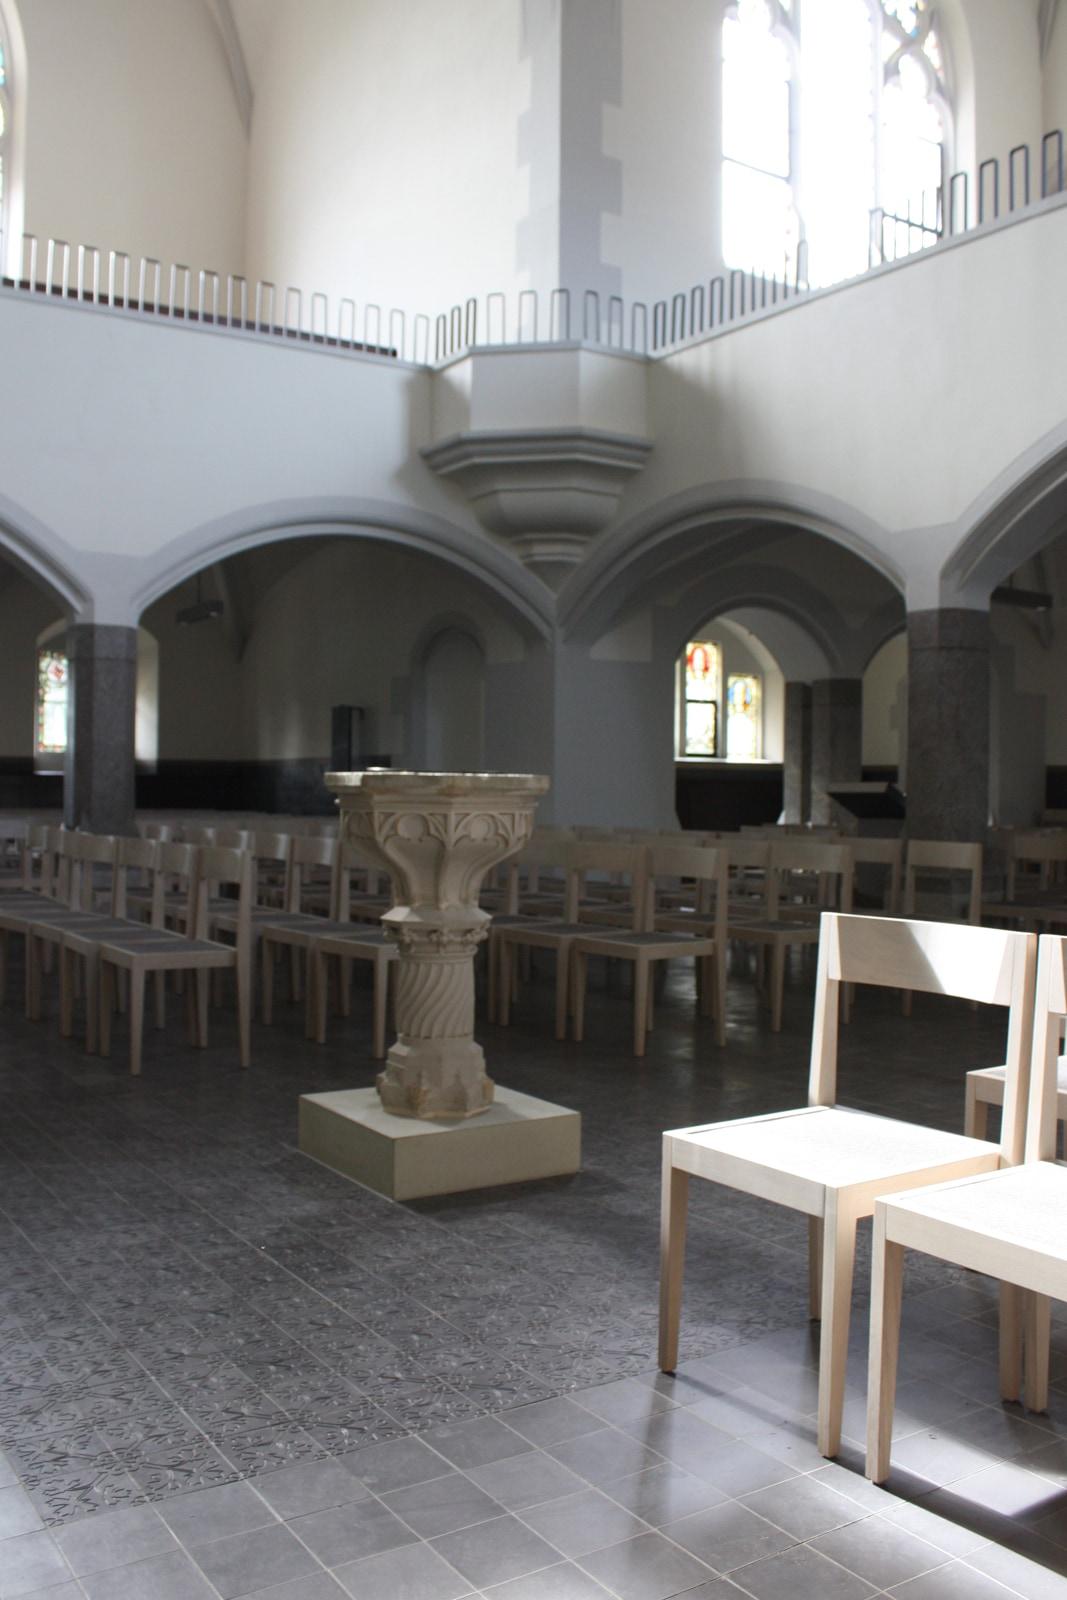 VIA Zementmosaikplatten-nr.51110-friedenskirche-04-viaplatten | 51110/150